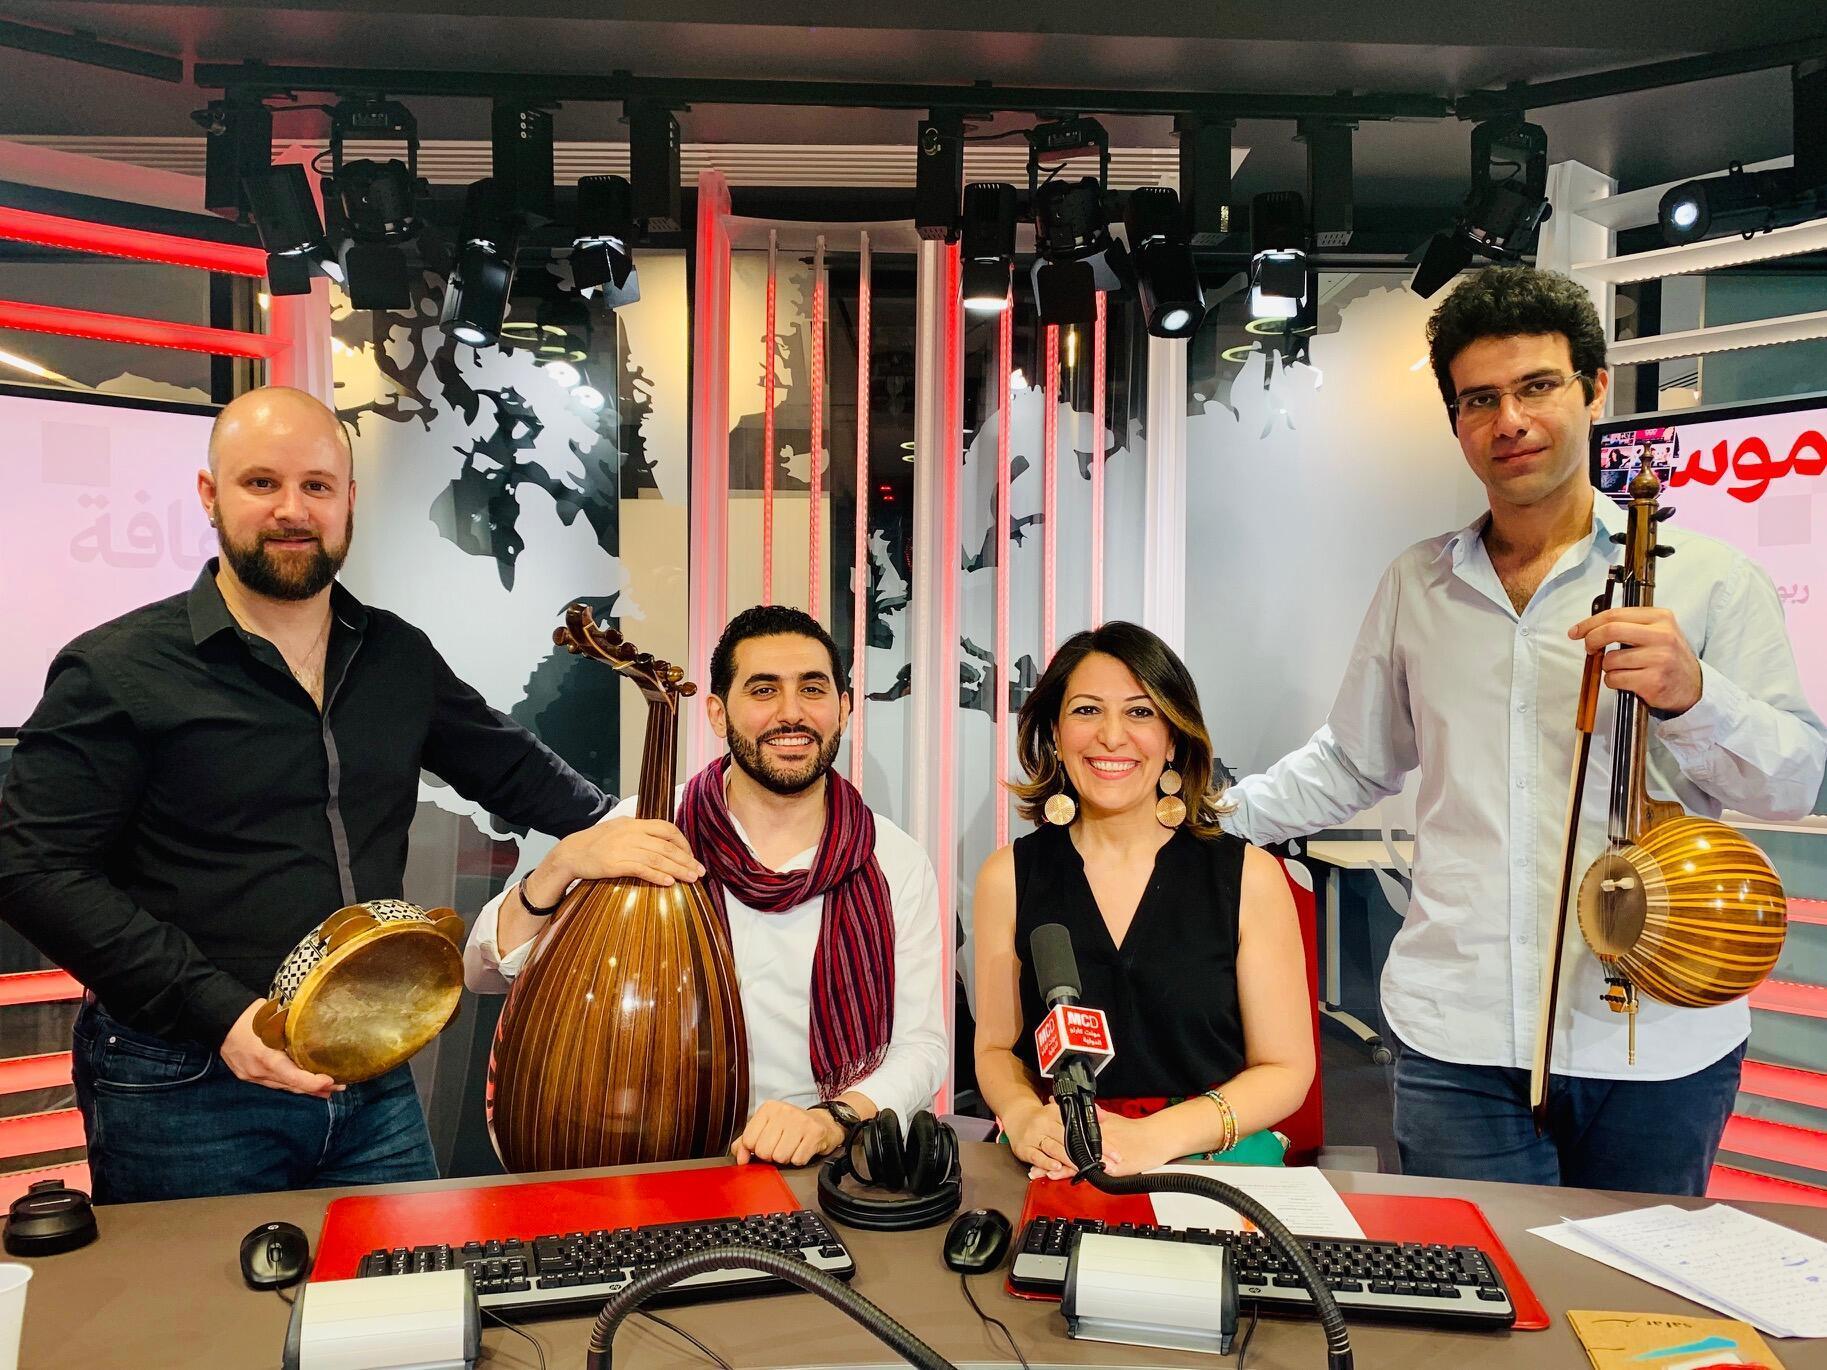 حلمي مهذبي وفرقته الموسيقية ضيوف الإعلامية عبير نصراوي